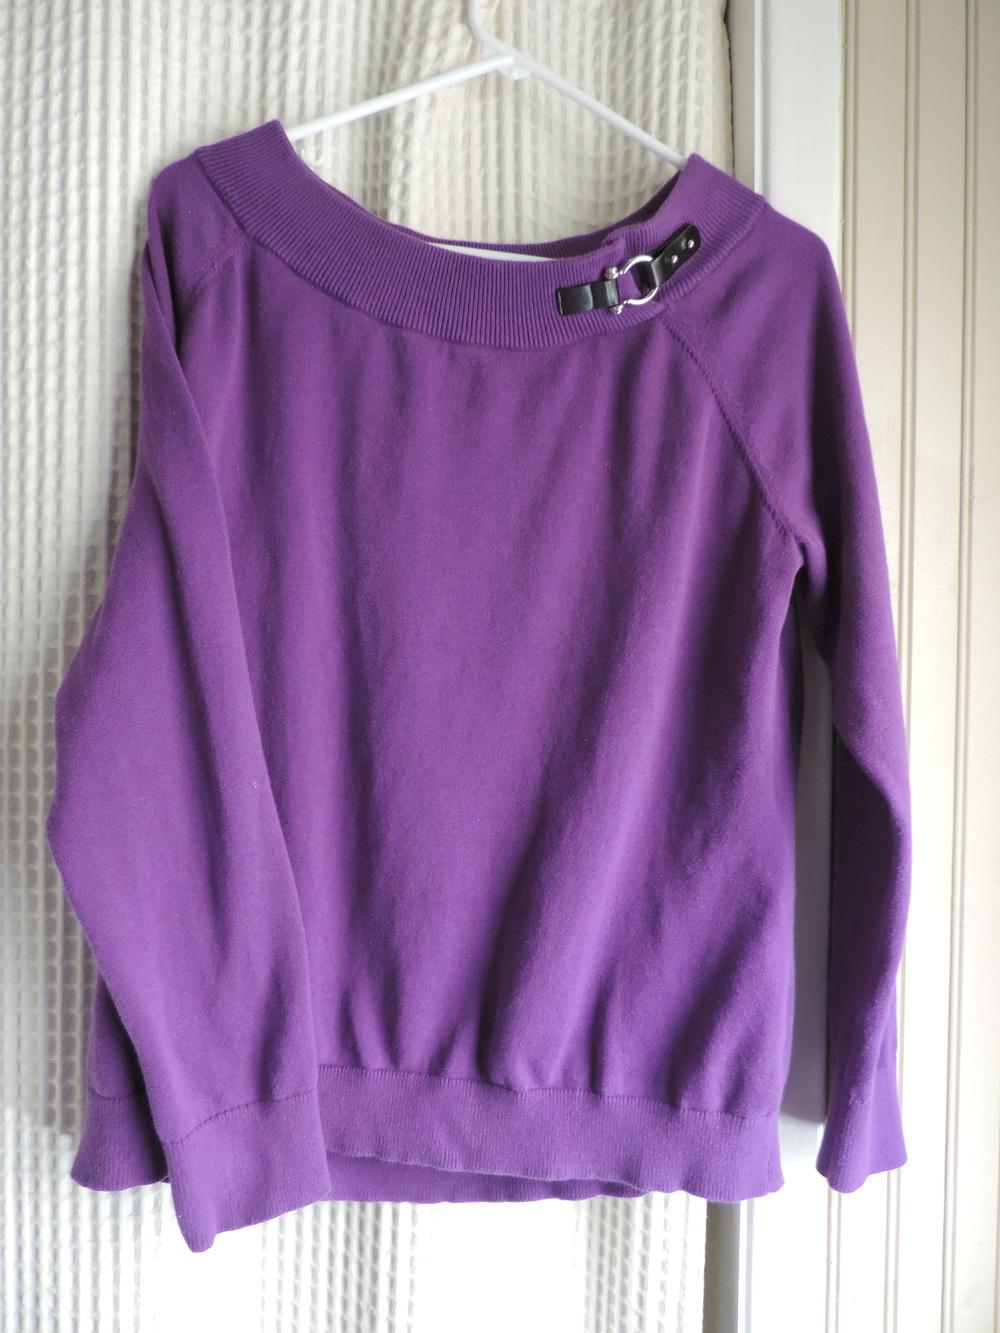 Ralphelaurensweaterfromgoodwill